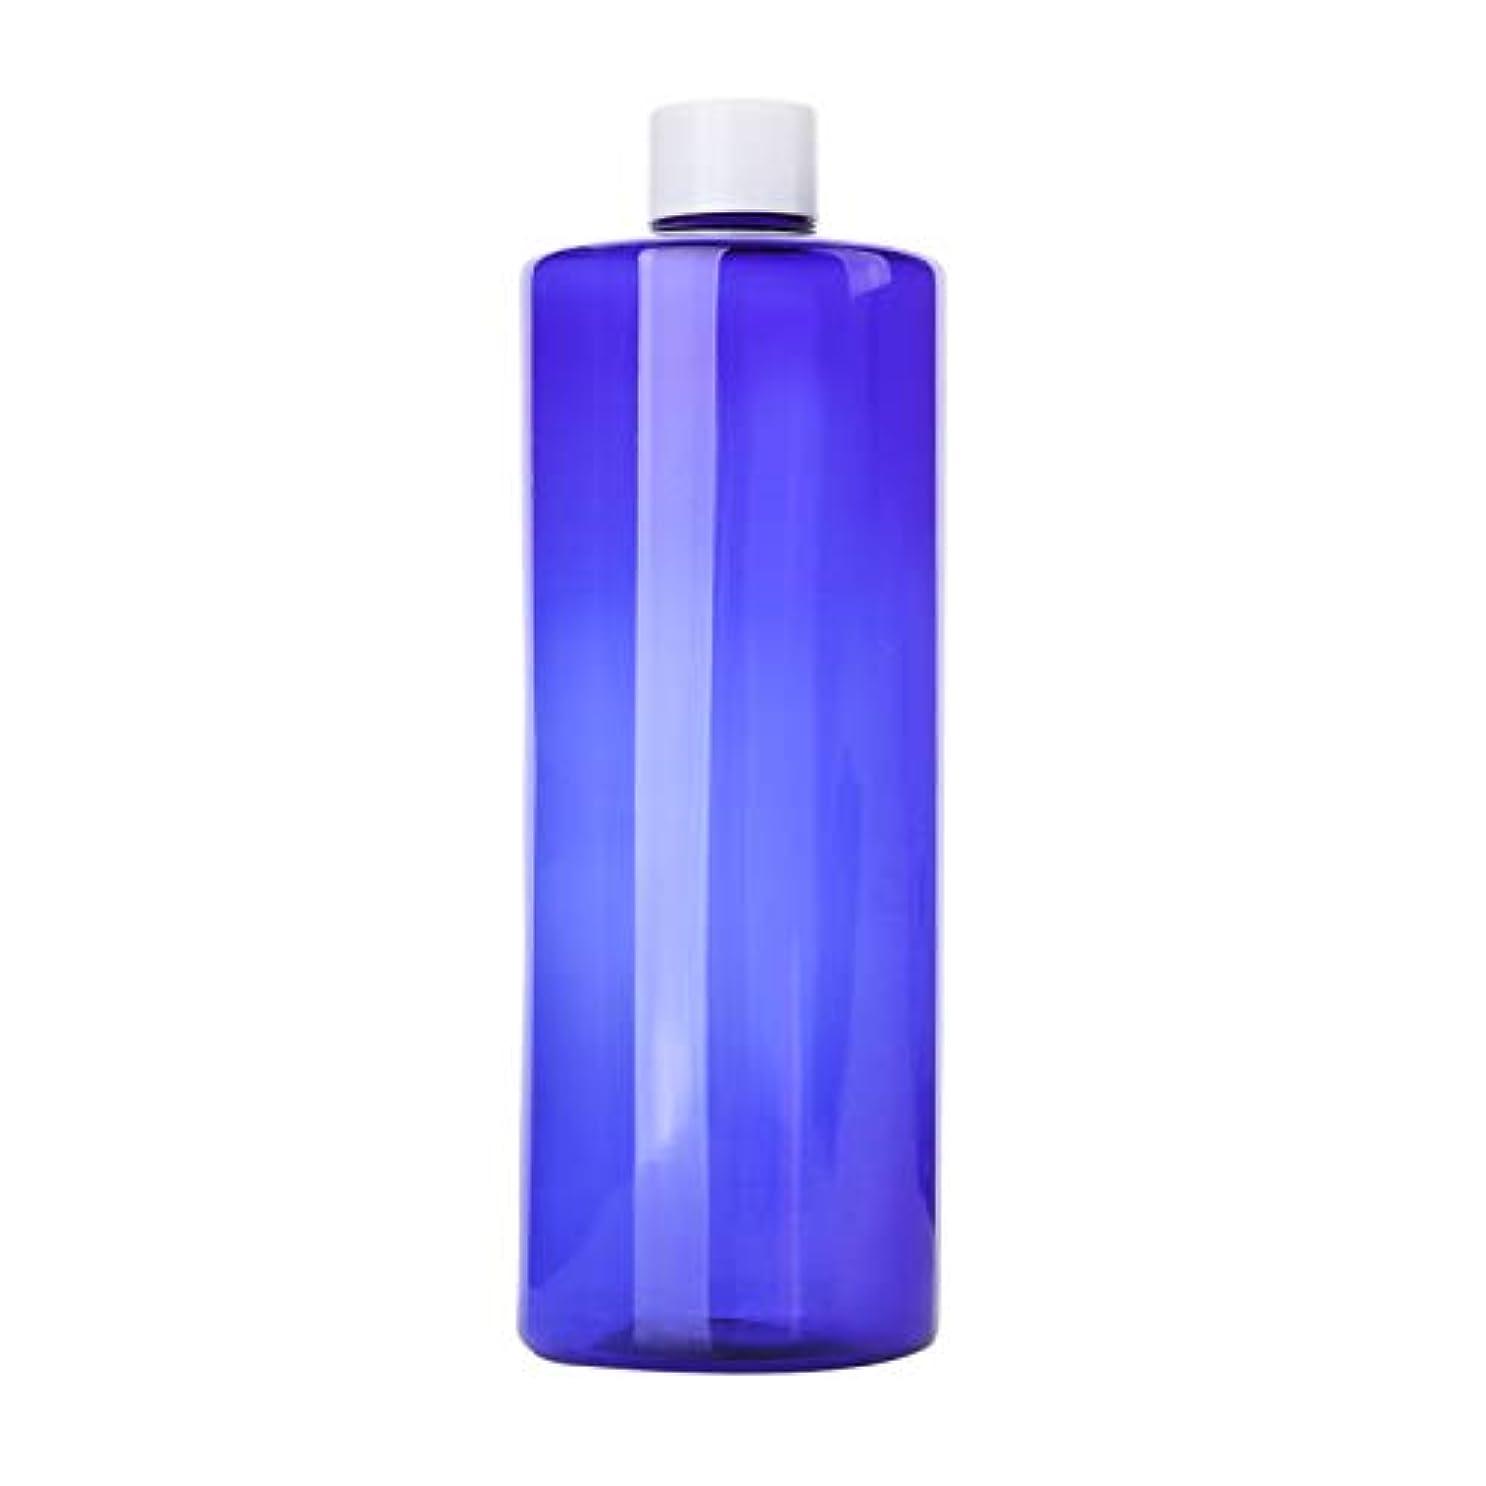 スピーカー重要なフライト1本 化粧品用 詰め替えボトル 詰め替え容器 大容量 500ml 中栓付き 使いやすい 化粧水用 シャンプー クリーム 貯蔵用 携帯用 空容器 おしゃれ 白ヘッド ブルー